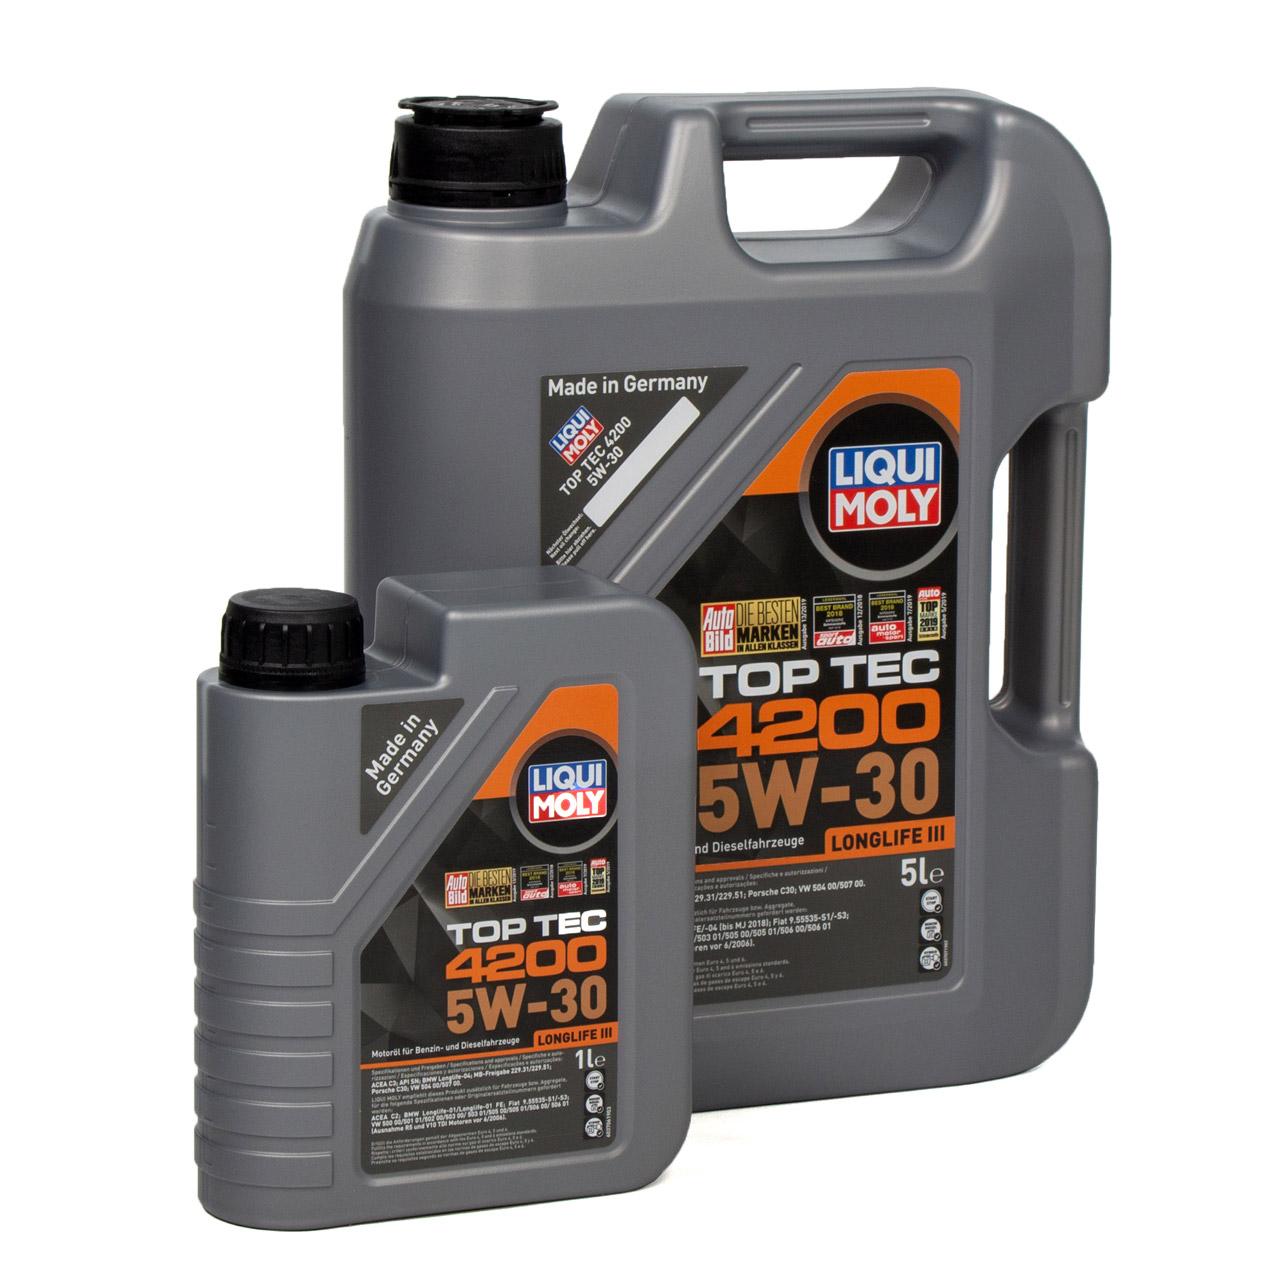 LIQUI MOLY 6L 6 Liter Motoröl Öl TOP TEC 4200 5W30 5W-30 3707 VW 504.00 507.00